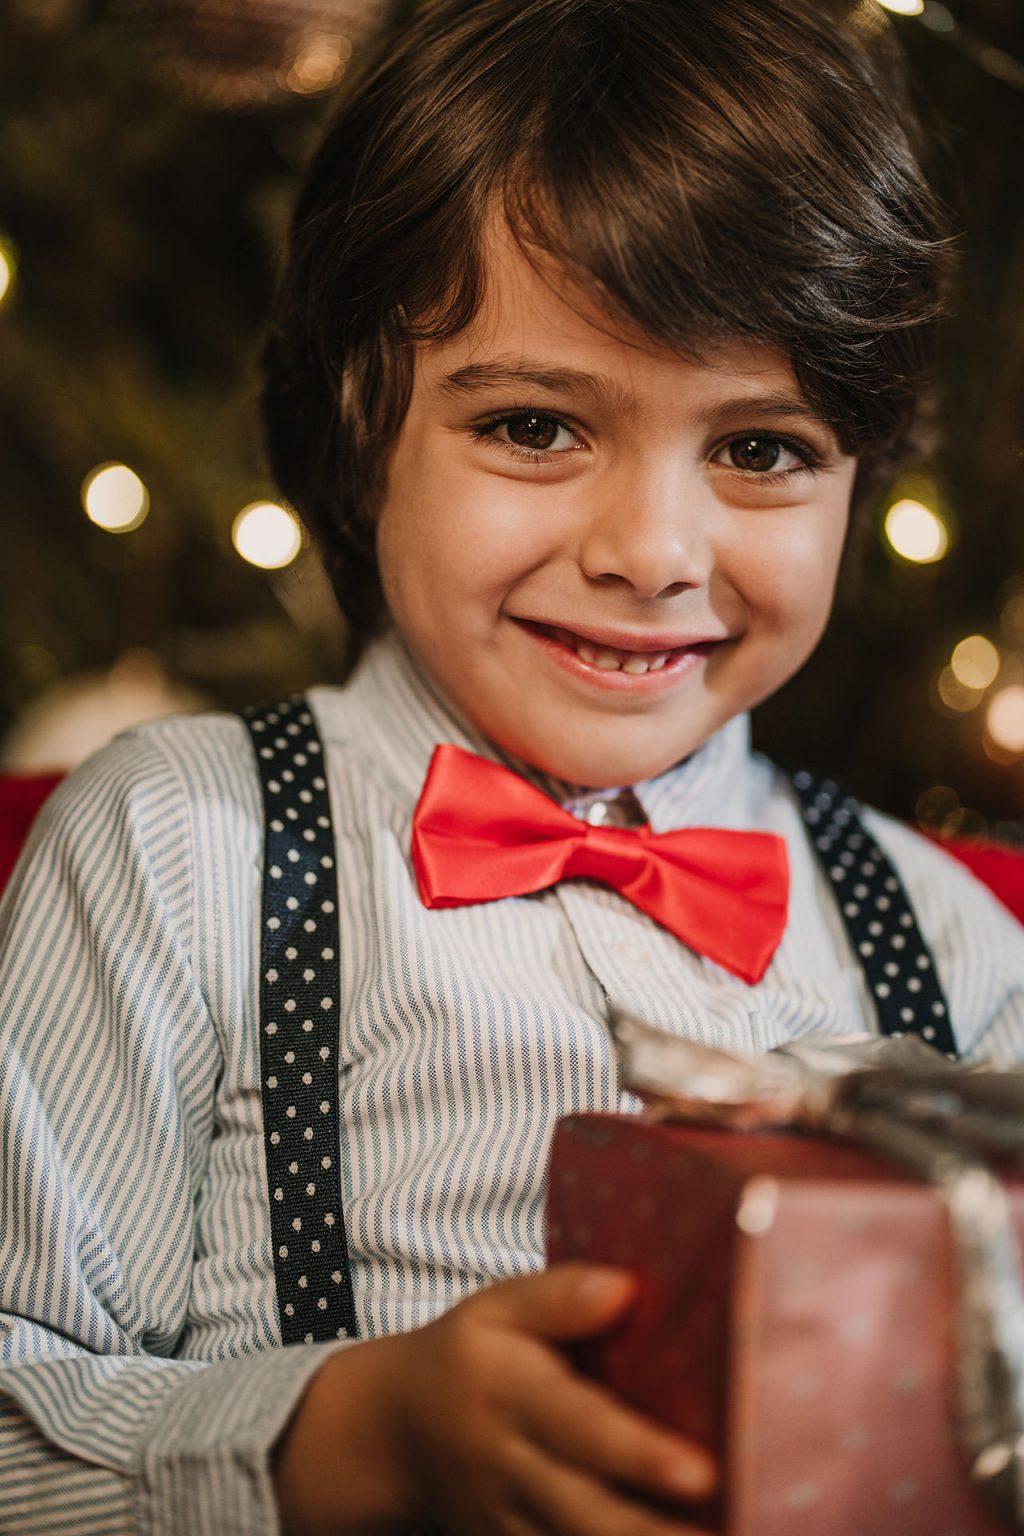 retrato de criança com um presente de natal na mão